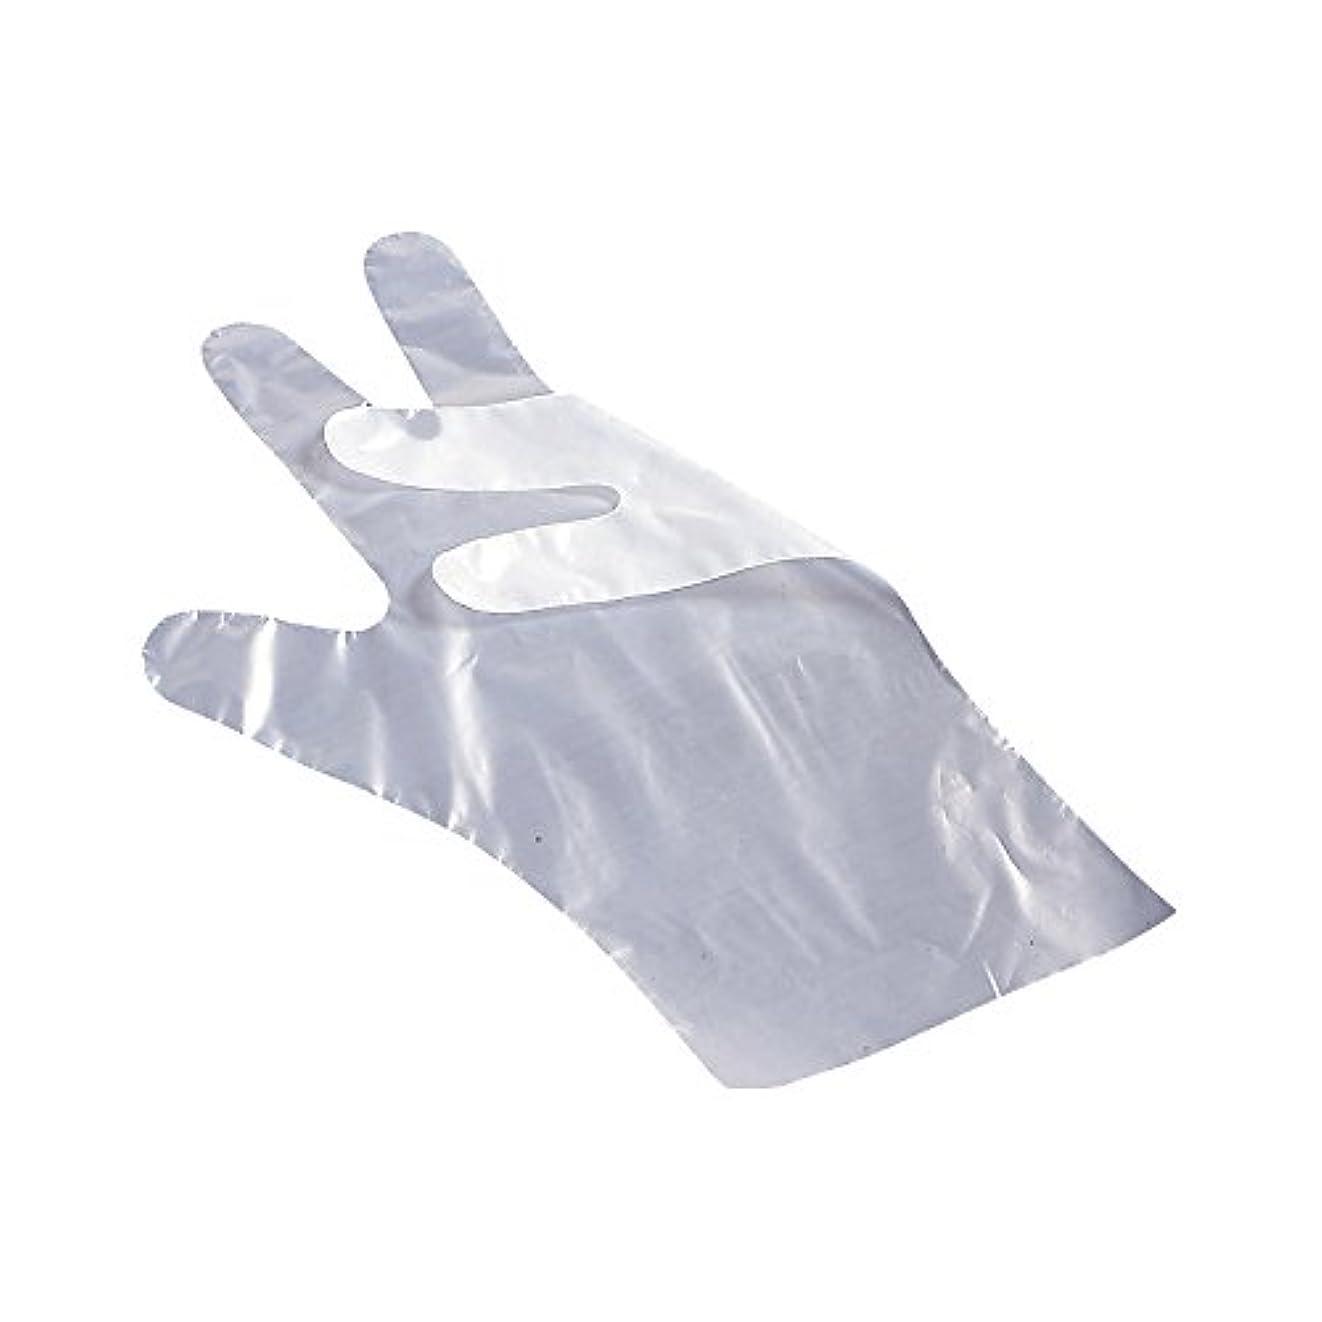 対象つなぐ権限を与えるサクラメンエンボス手袋 デラックス 白 S 100枚入